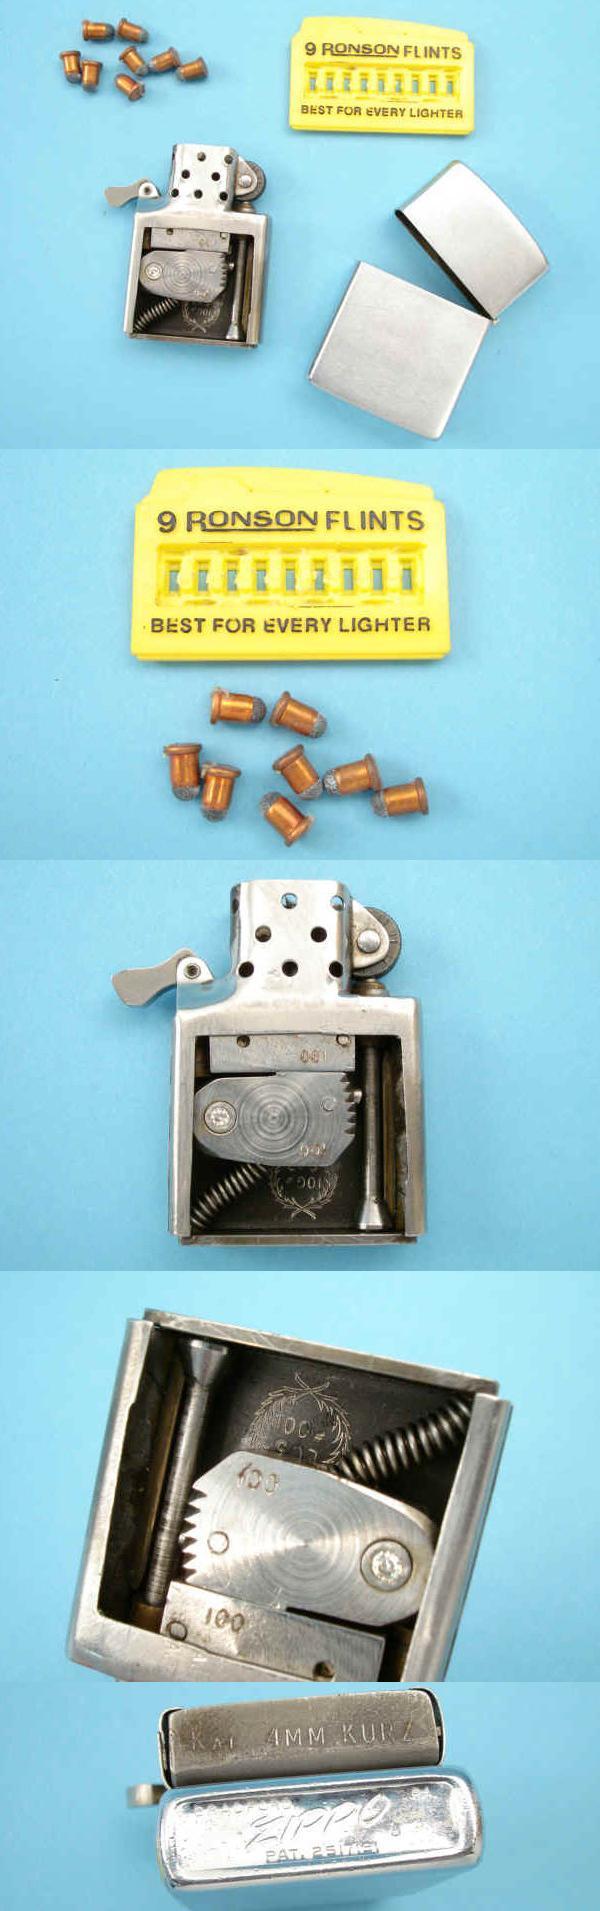 Пистолет, замаскированный под зажигалку «Zippo».